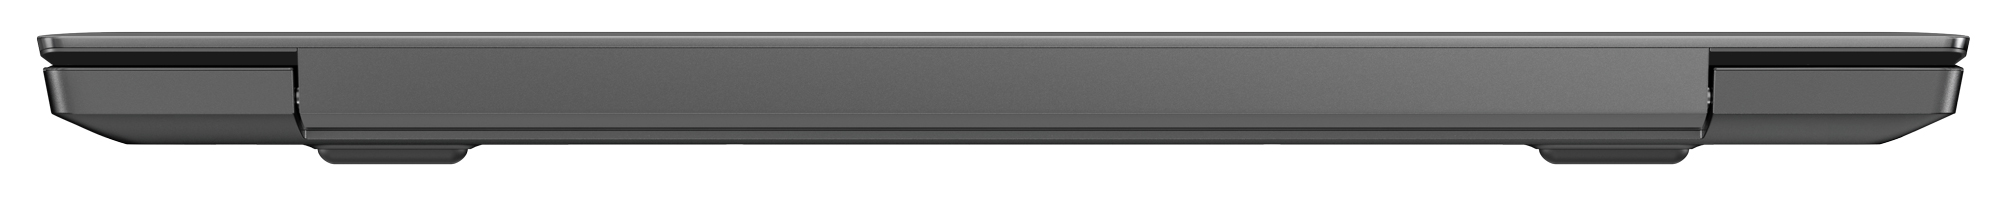 Фото  Ноутбук Lenovo V330-15IKB Iron Grey (81AX00J0RA)